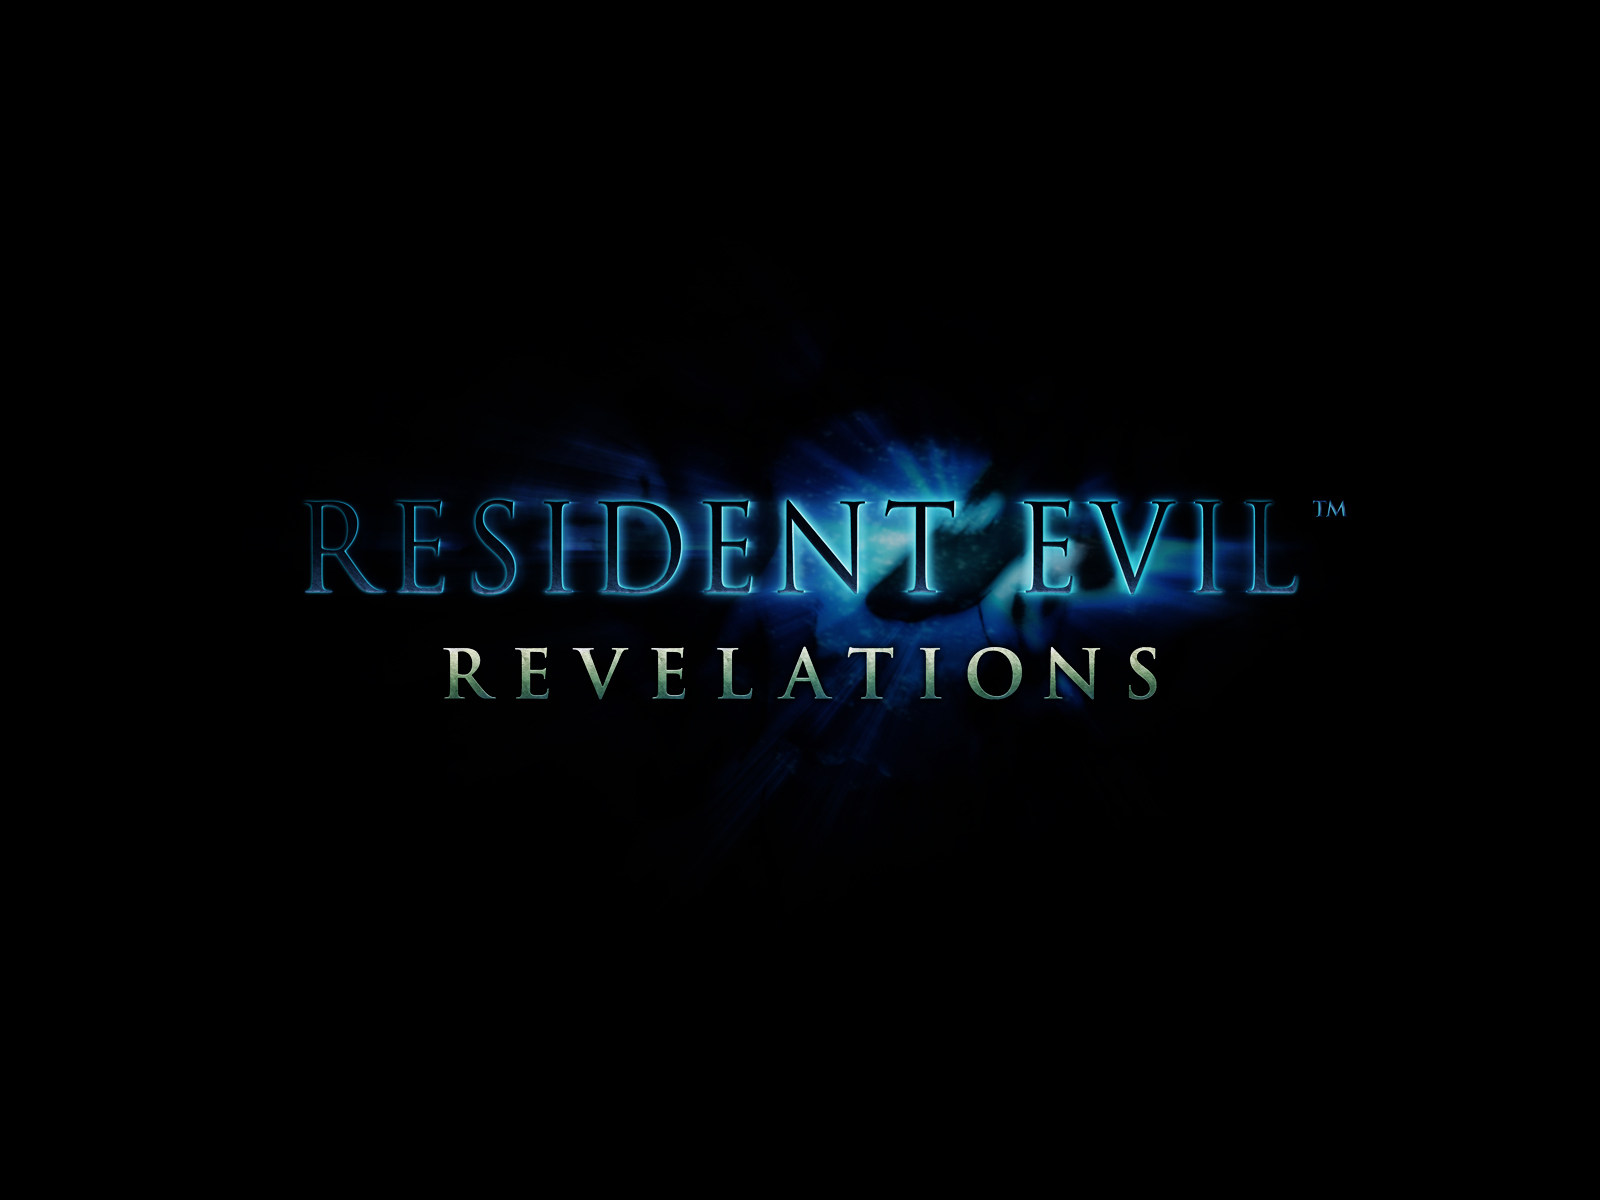 http://2.bp.blogspot.com/-SqMj6i0MIR4/Twn16FhvFsI/AAAAAAAAARM/JGGOa3HuuP4/s1600/Resident_Evil_Revelations_Title_HD_Wallpaper-Vvallpaper.Net.jpg